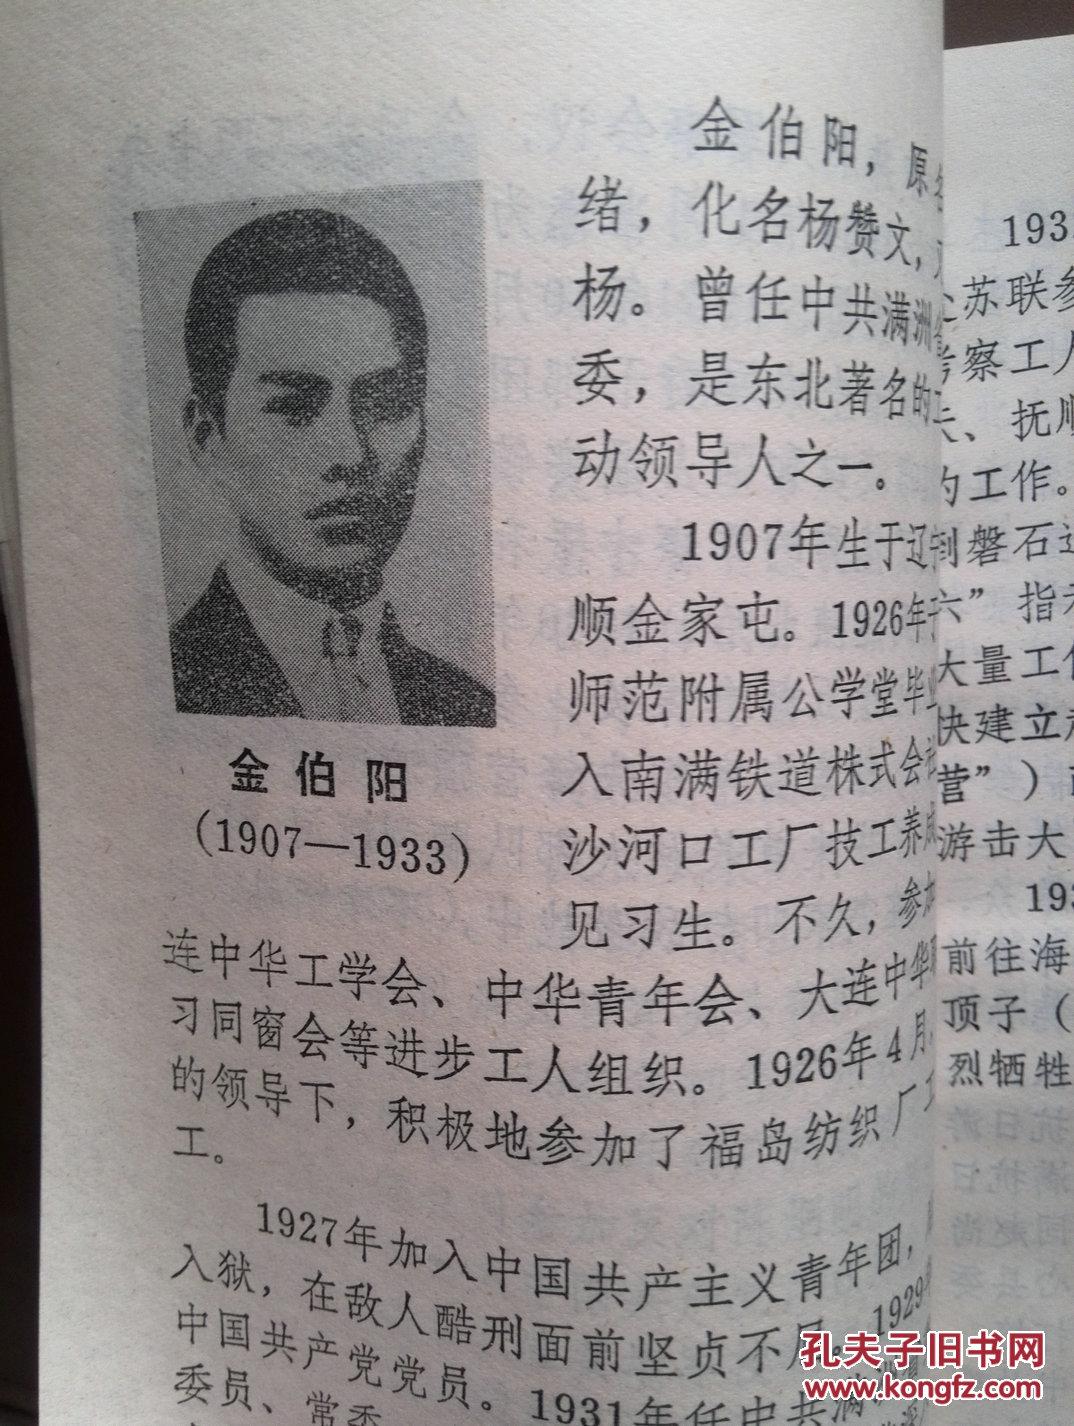 李红光_查看源网页